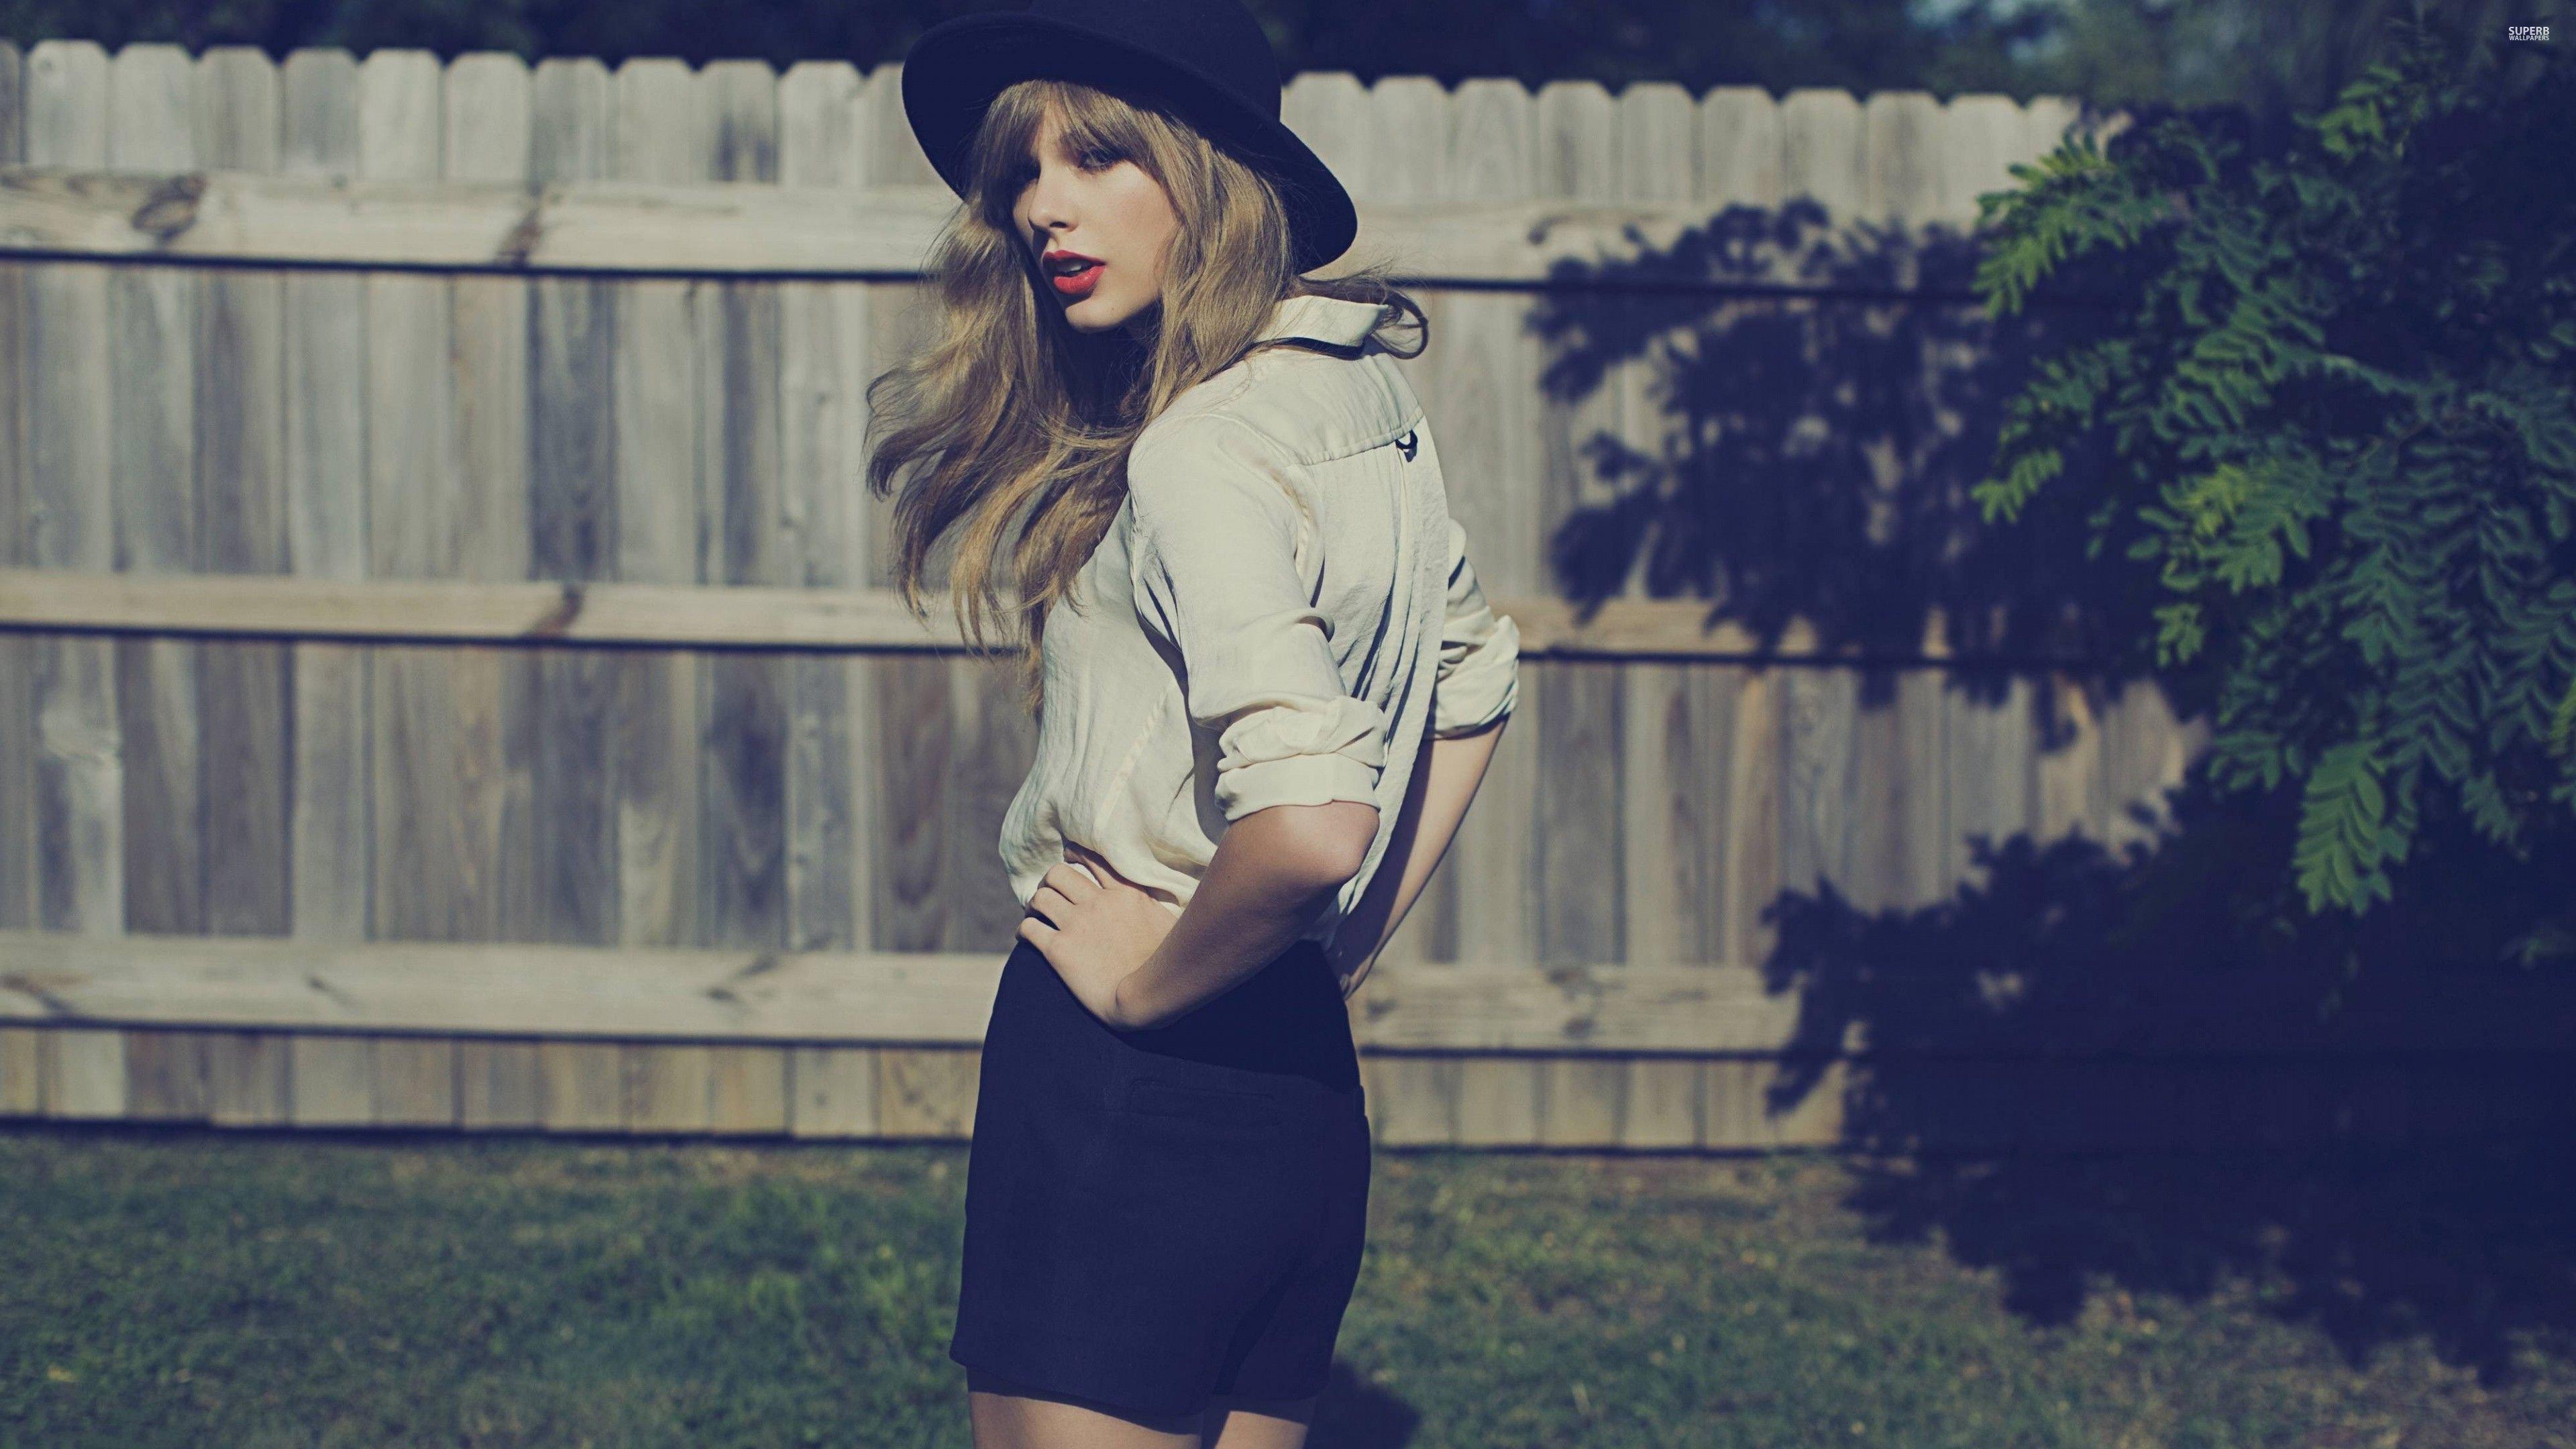 Wallpaper Hd Desktop Taylor Swift